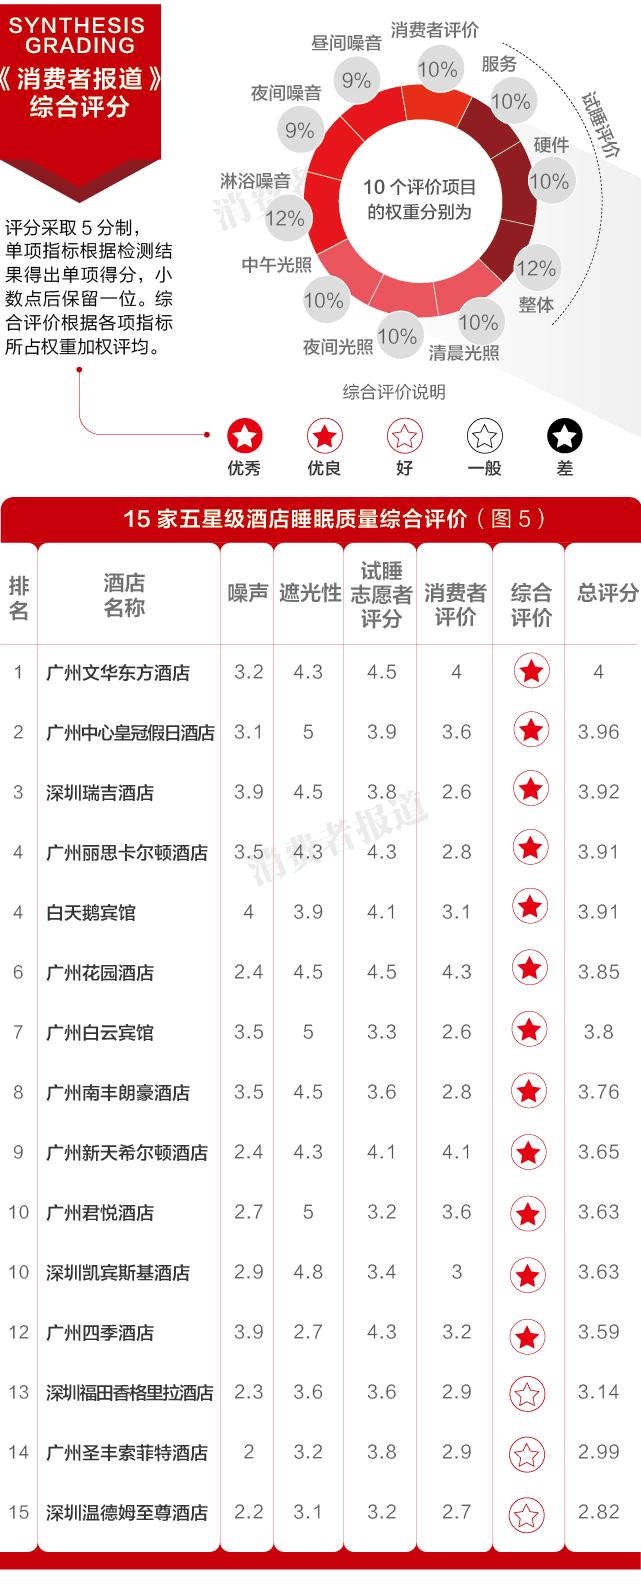 """睡眠质量综合评价广州文华东方""""最好睡"""" 深圳温德姆至尊酒店较差"""